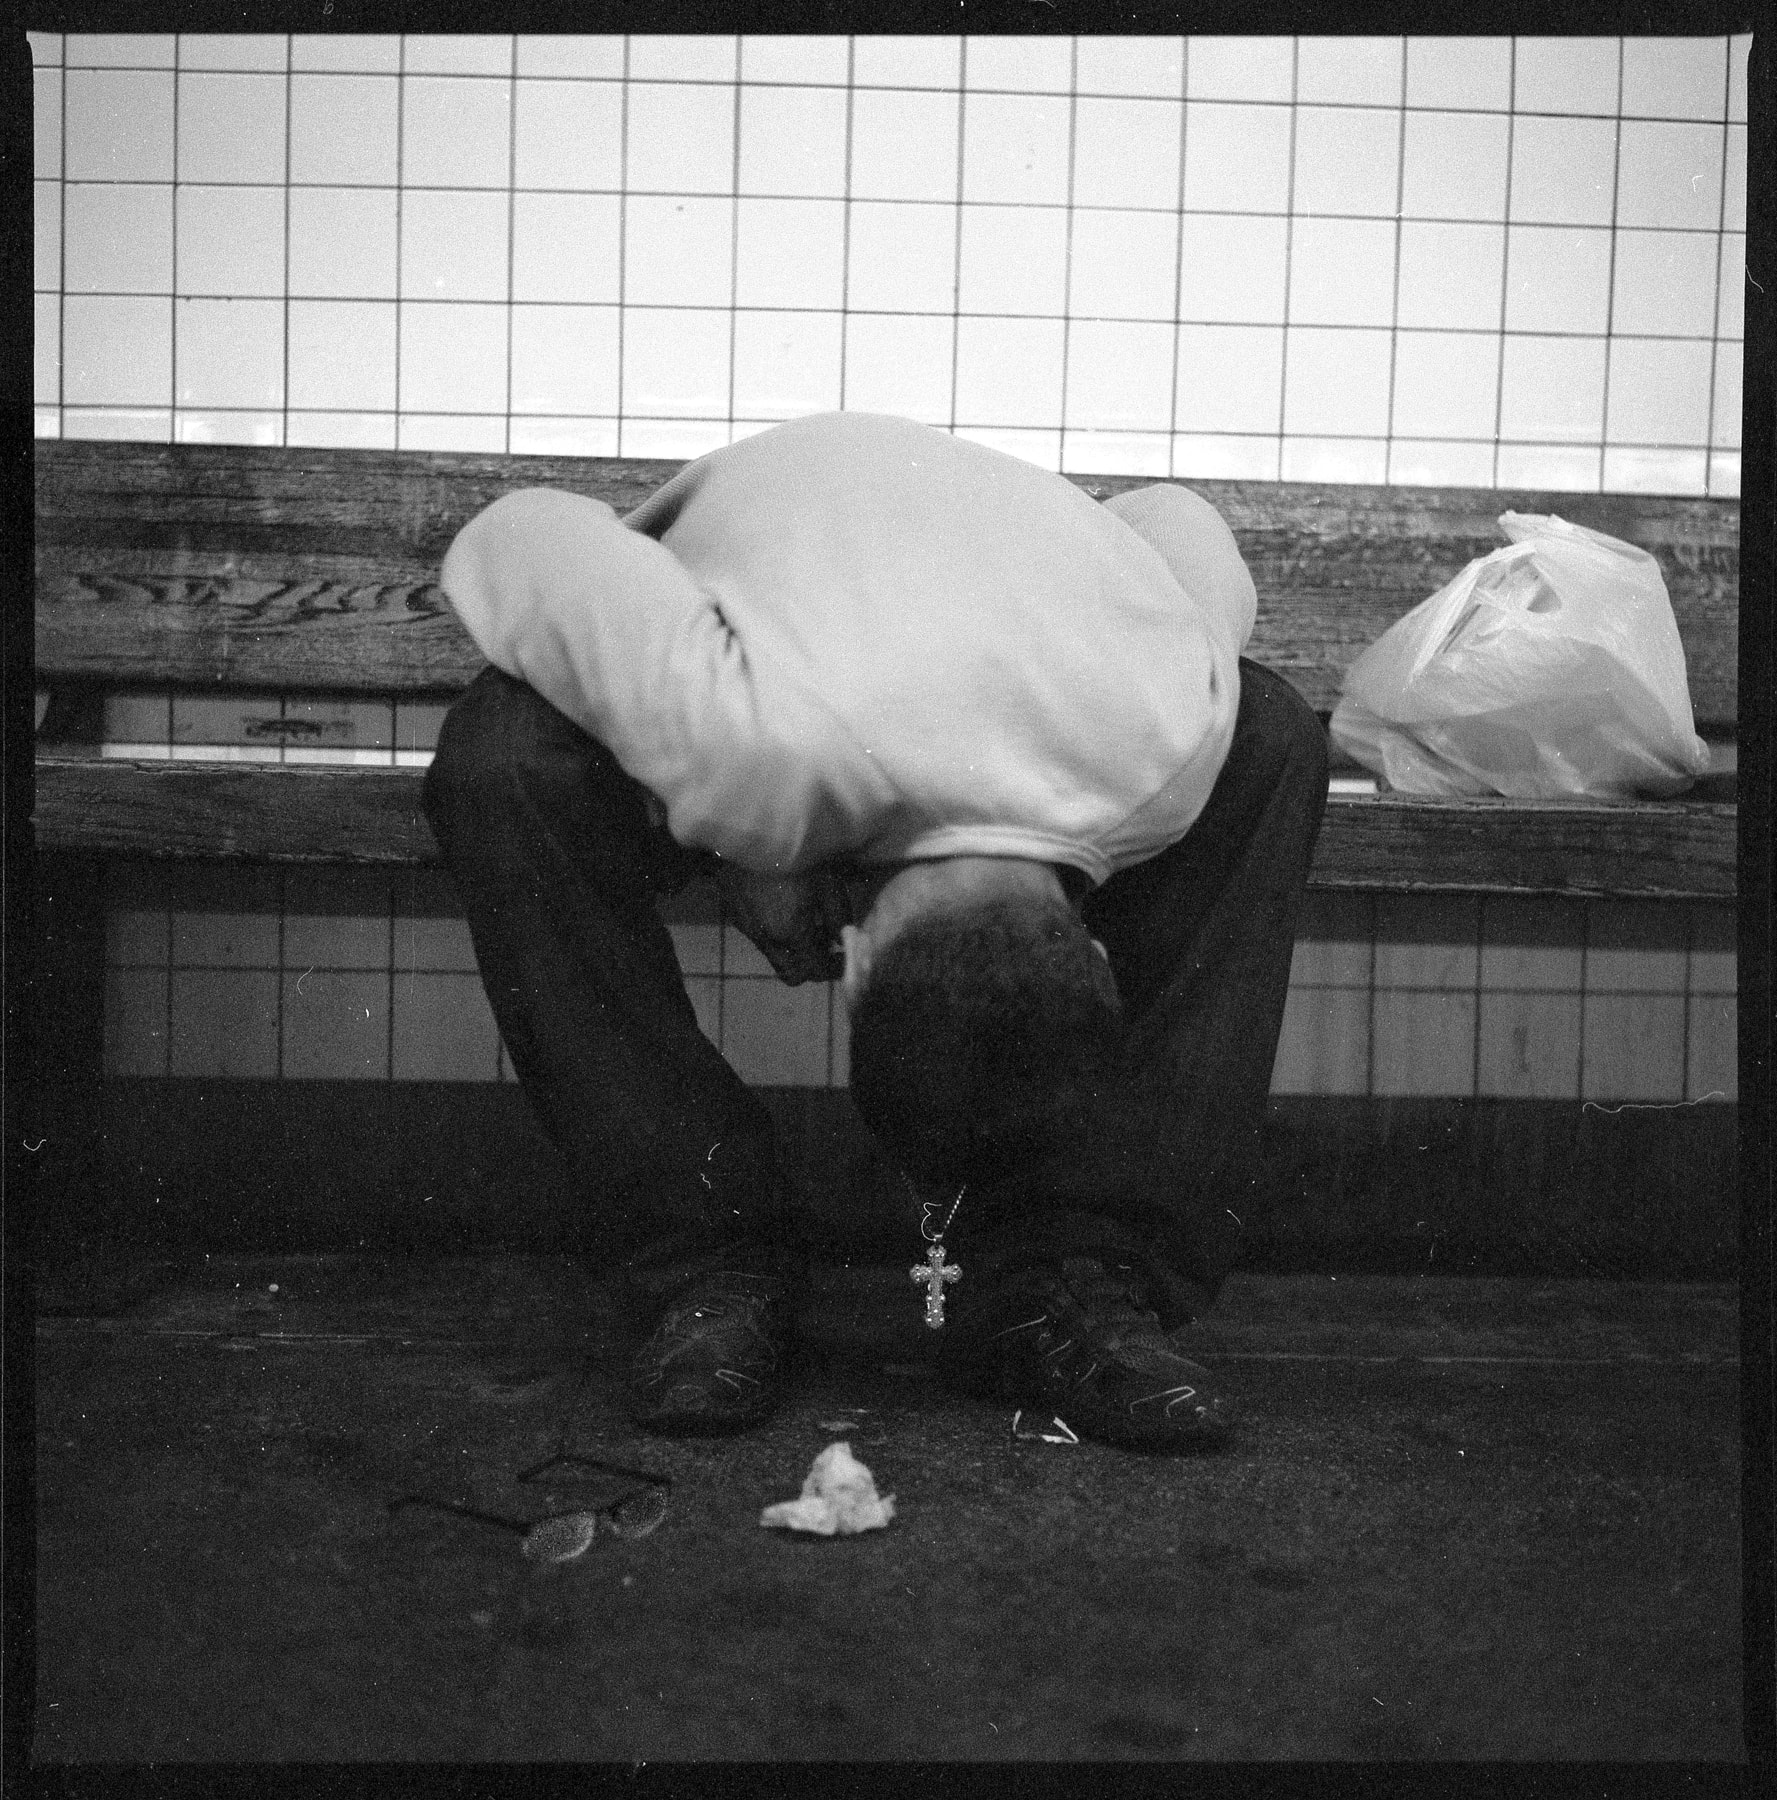 jackmckain-NY3.jpg